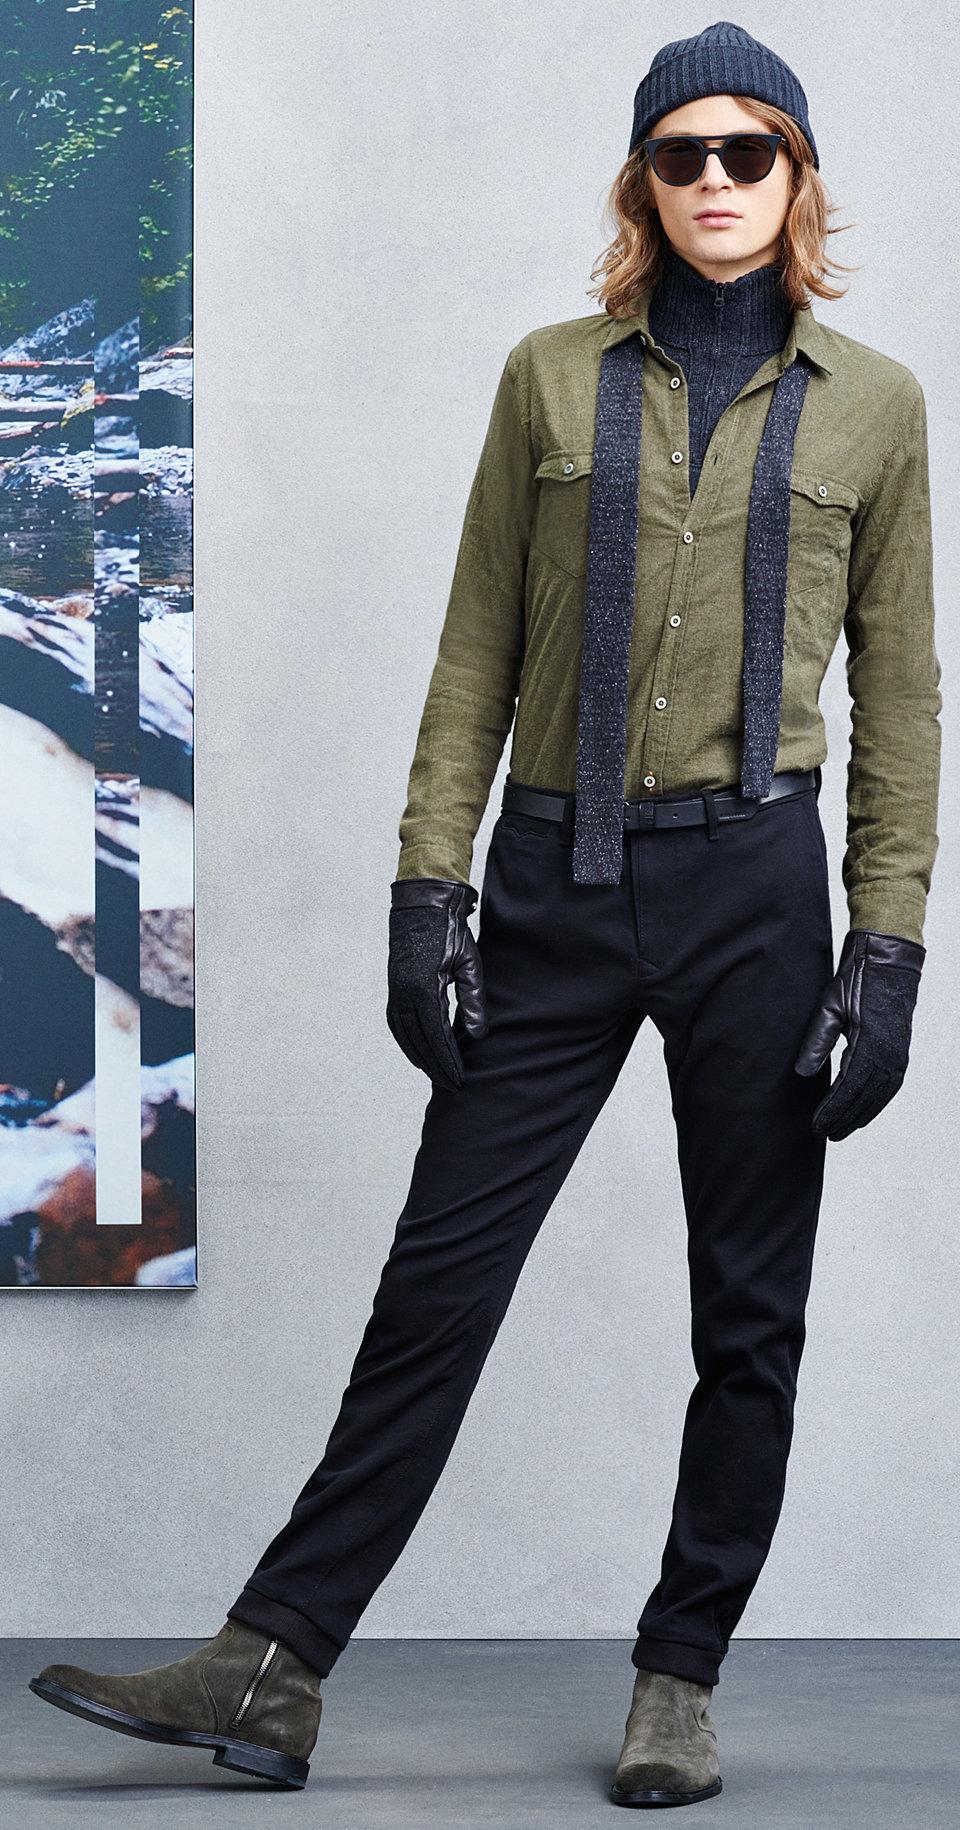 Grünes Hemd, Schal, schwarze Hose und grüne Schuhe von BOSSOrange